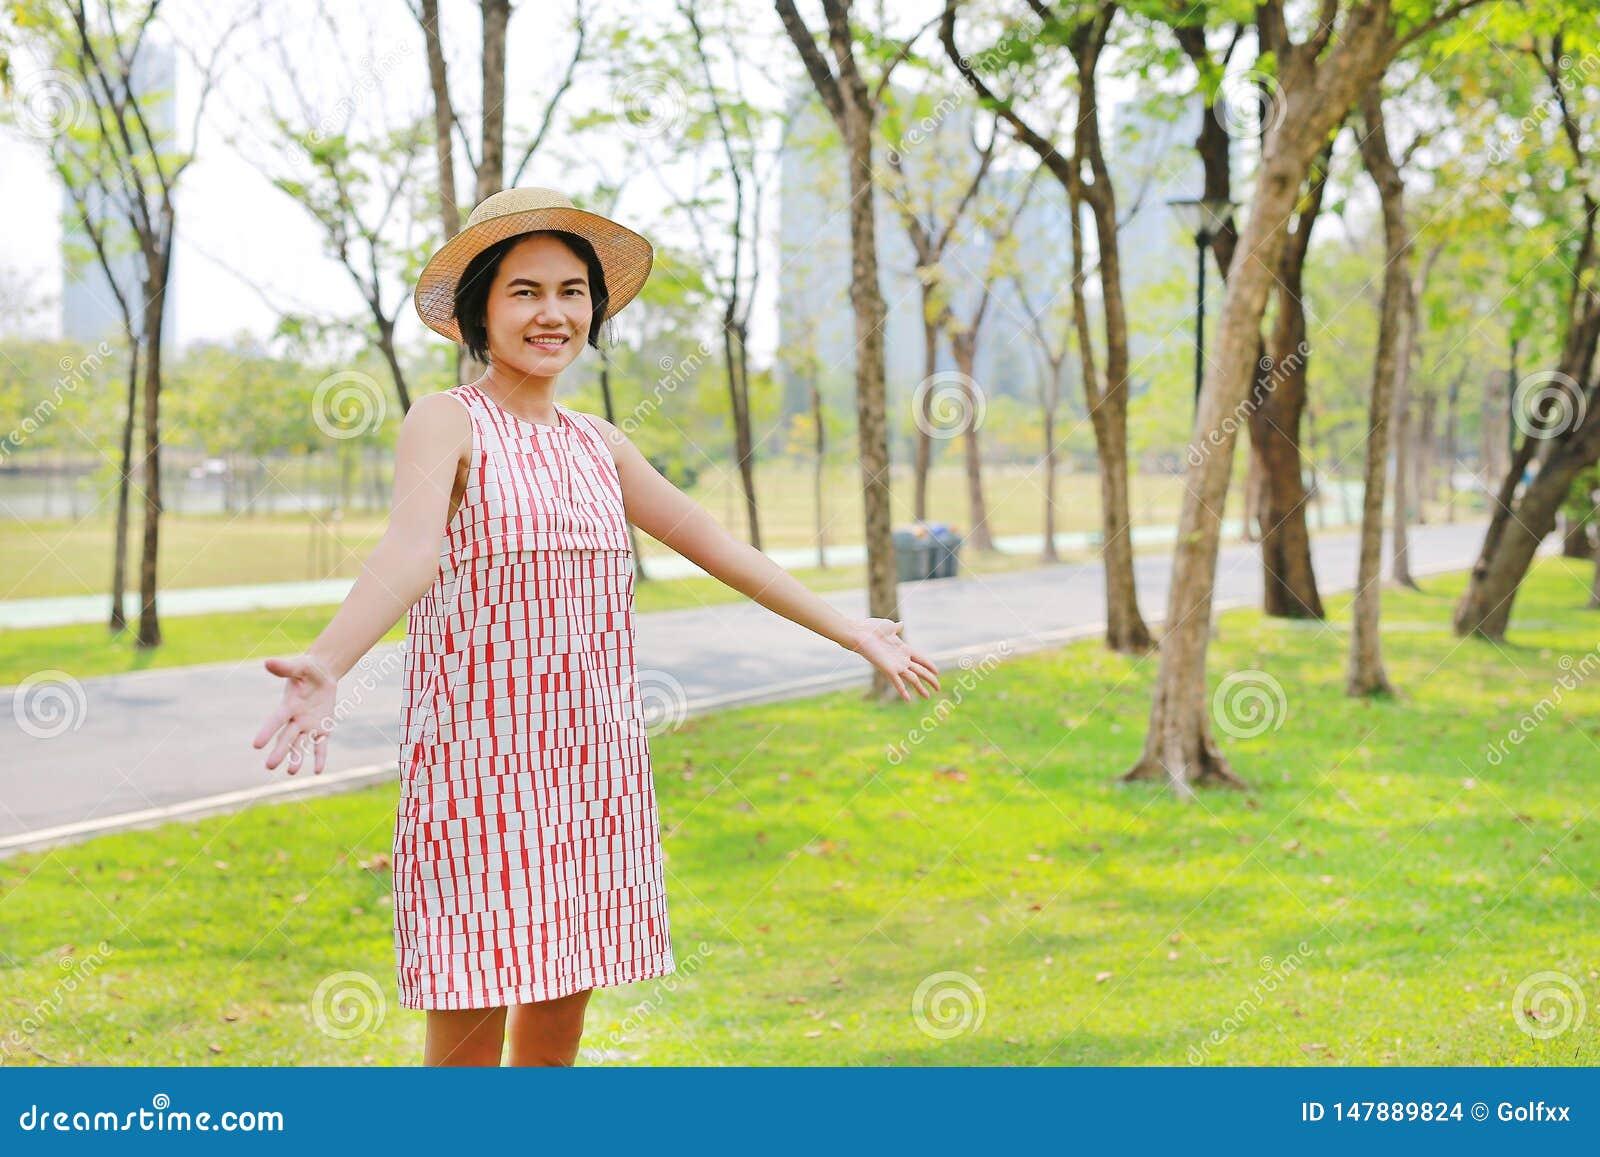 Jeune femme asiatique soulevant des bras et le sourire en parc naturel